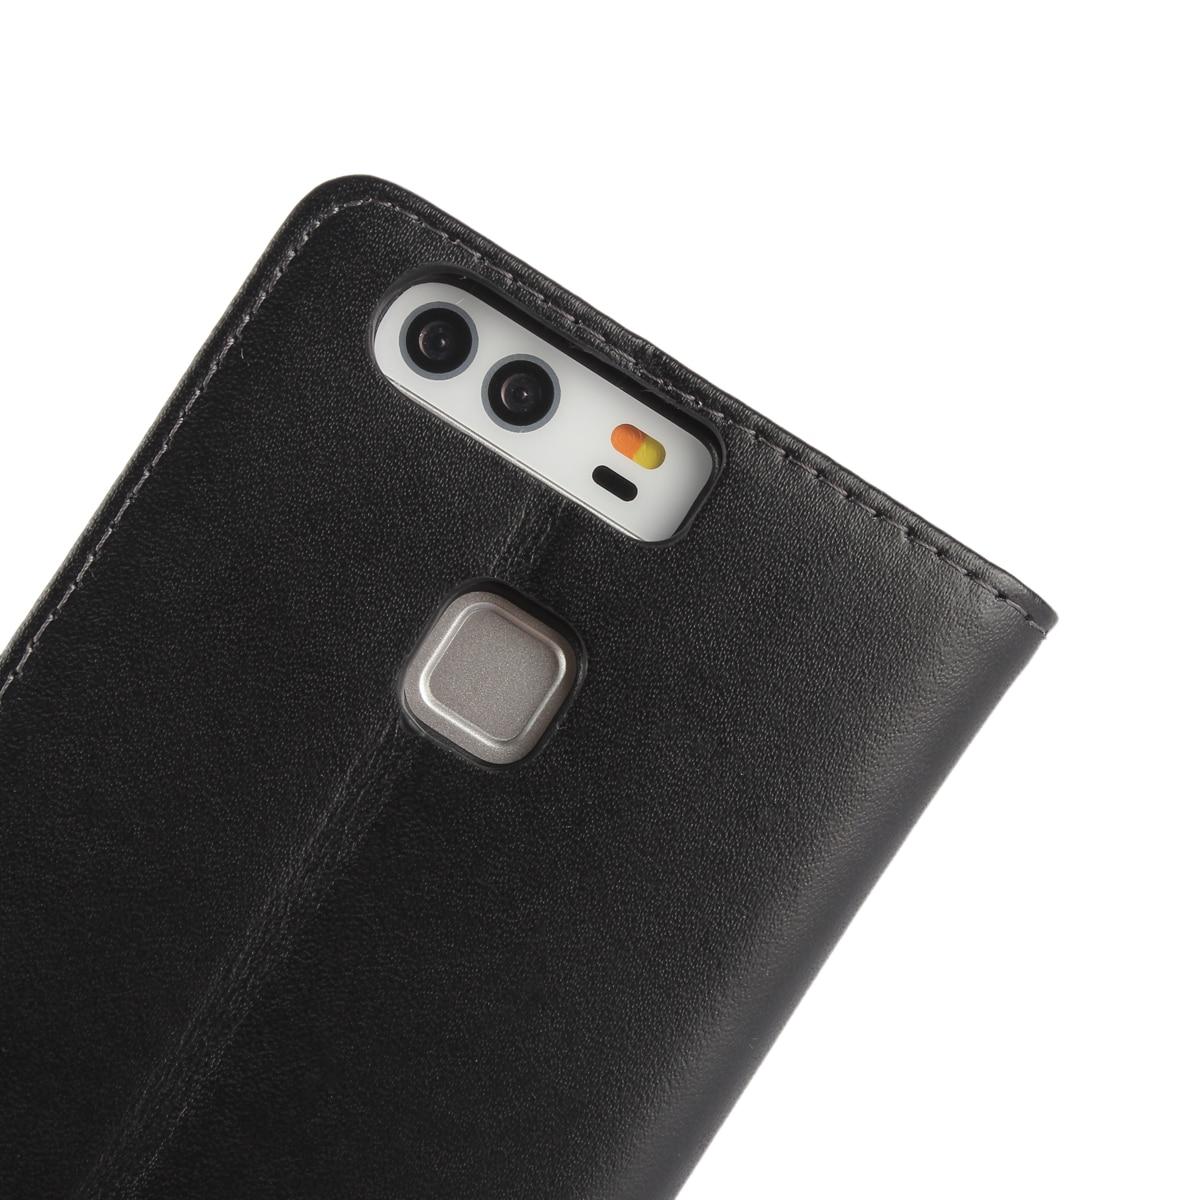 Huawei P9 üçün Case, kart yuvaları və nağd sahibi GG ilə - Cib telefonu aksesuarları və hissələri - Fotoqrafiya 2